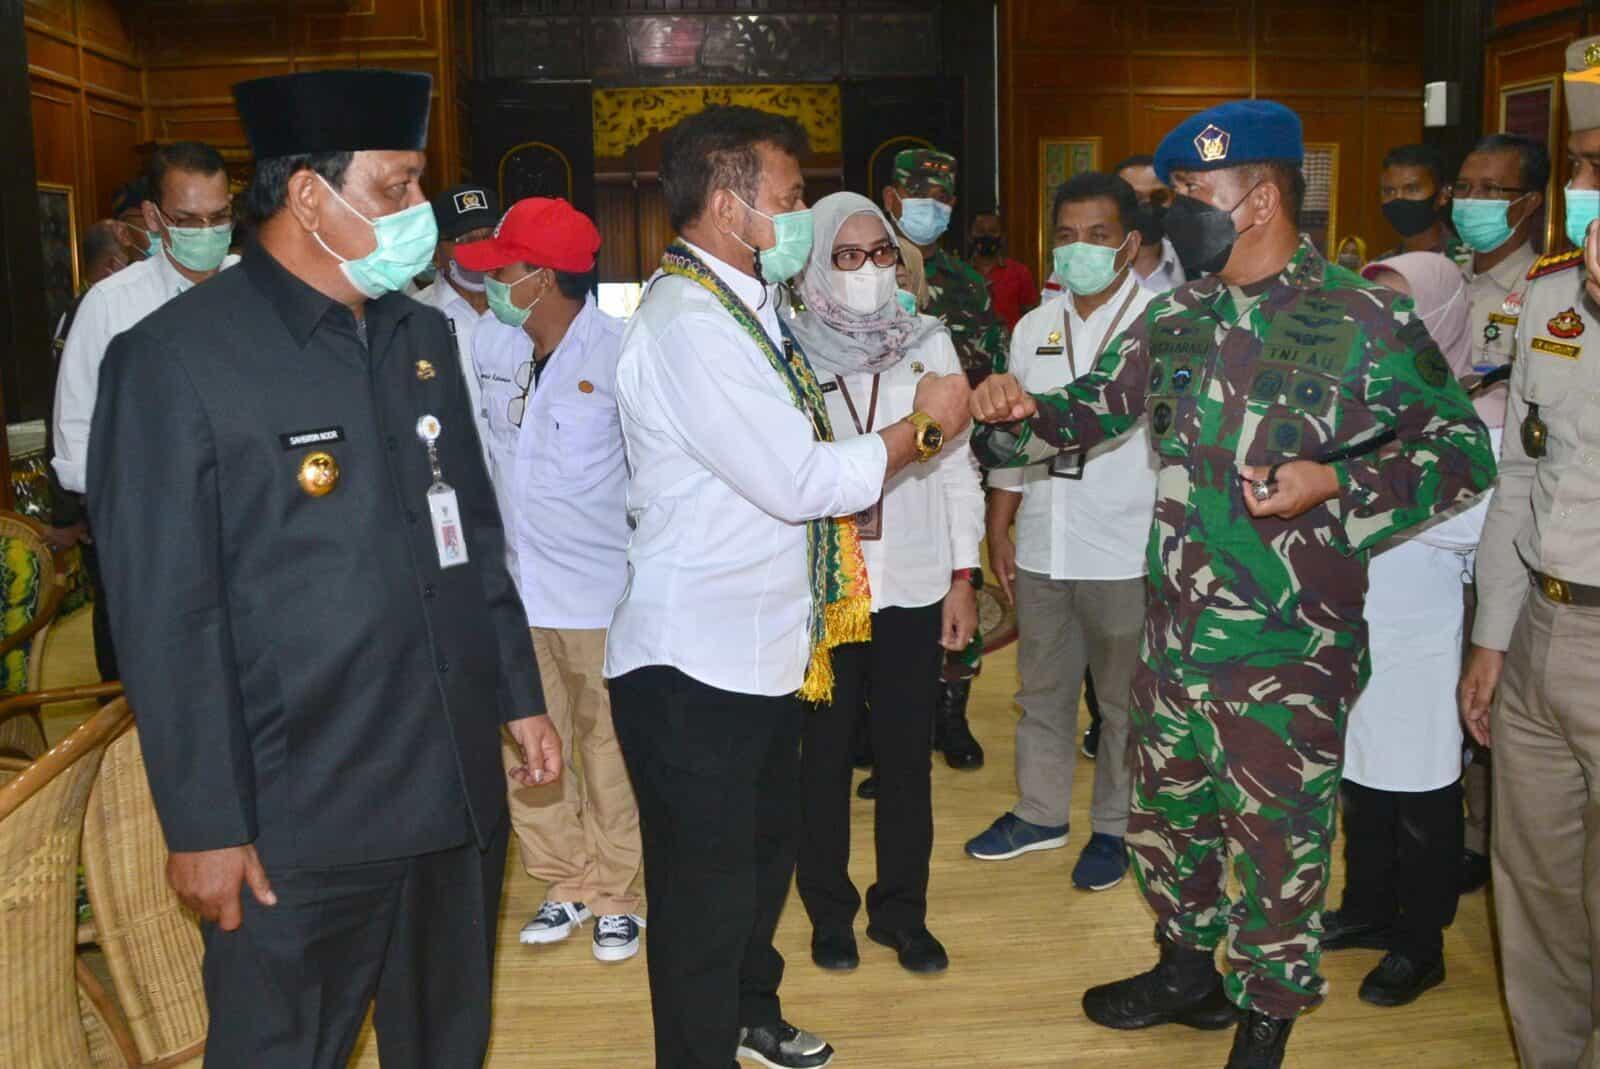 Komandan Lanud Sjamsudin Noor Turut Sambut Kedatangan Menteri Pertanian RI Dalam Rangka Meninjau Bencana Banjir Yang Melanda Wilayah Kalimantan Selatan